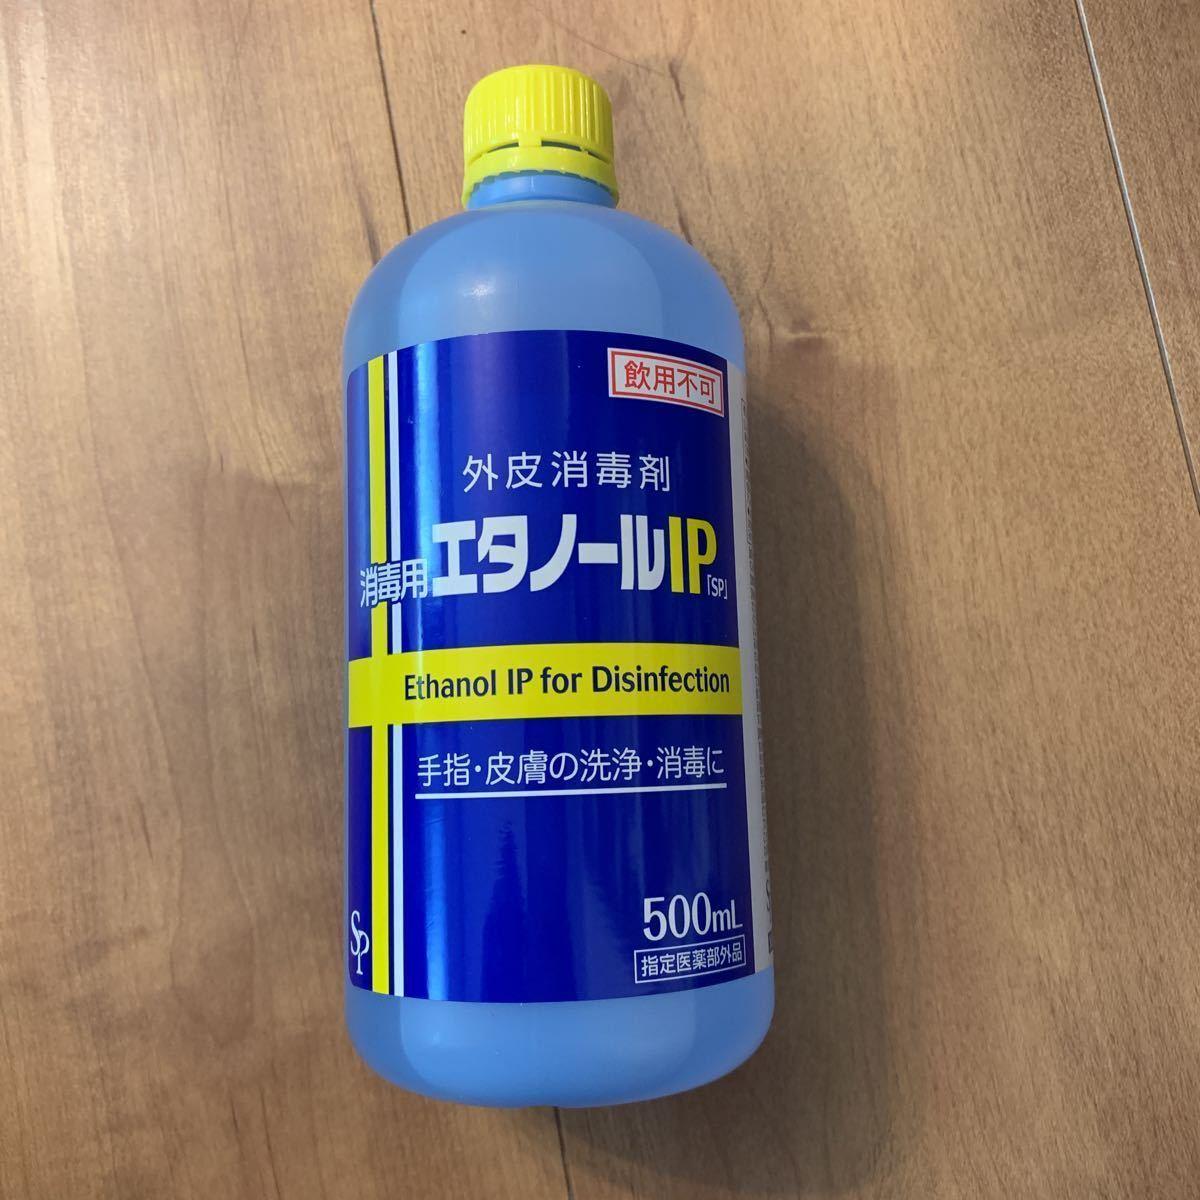 用 ip 消毒 手 の 消毒 エタノール